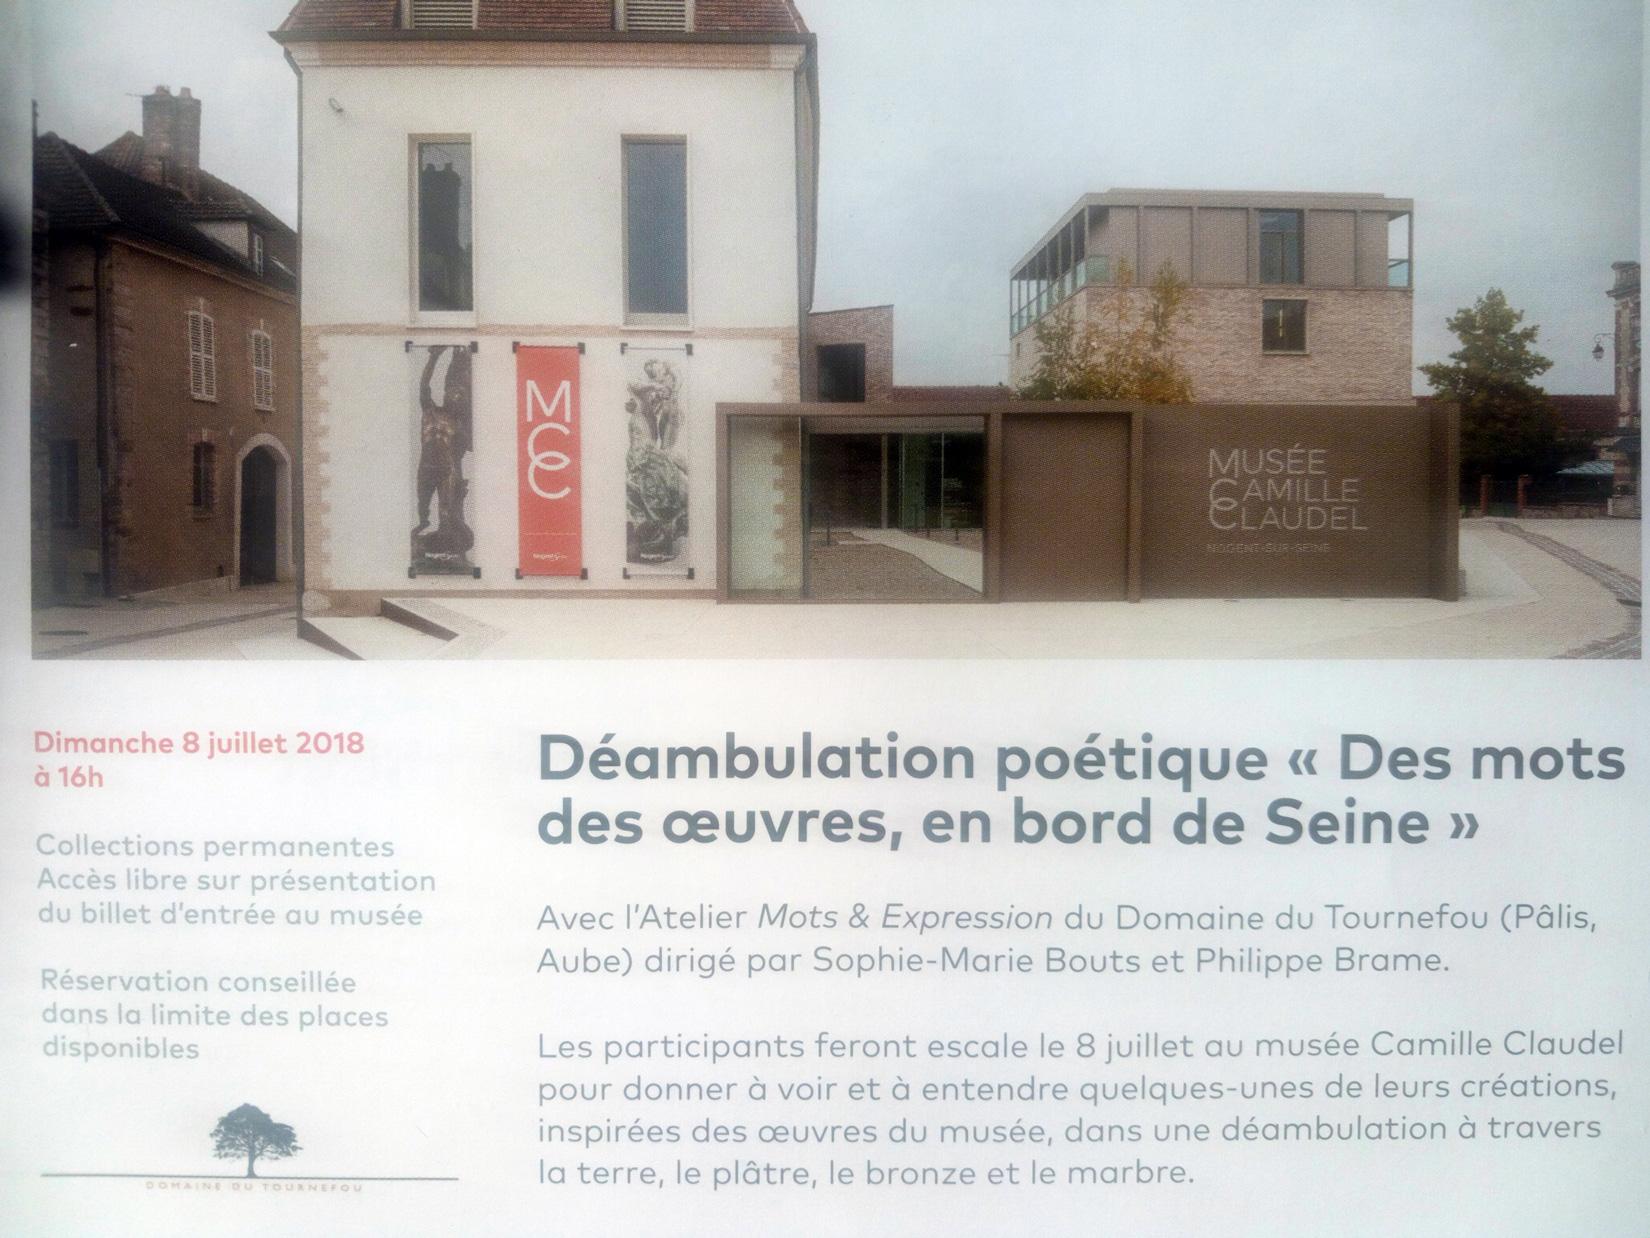 """Dimanche 8 Juillet 2018 : Déambulation poétique """"Des mots, des œuvres, en bord de Seine"""" Avec l'atelier Mots & Expressions du Domaine du Tournefou à Pâlis"""